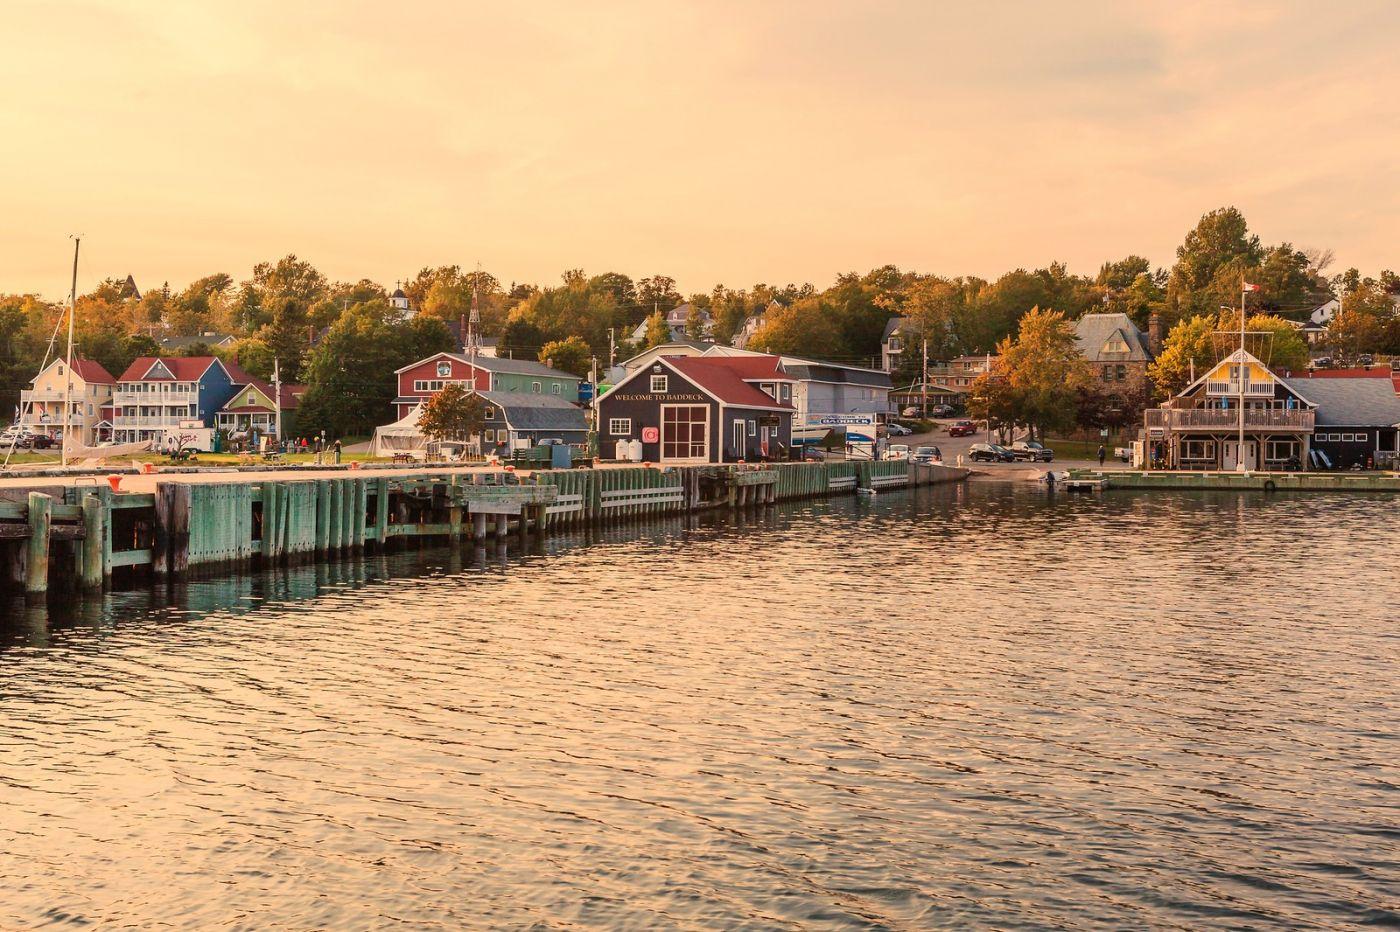 加拿大Nova Scotia, 帆船灯塔老鹰_图1-29